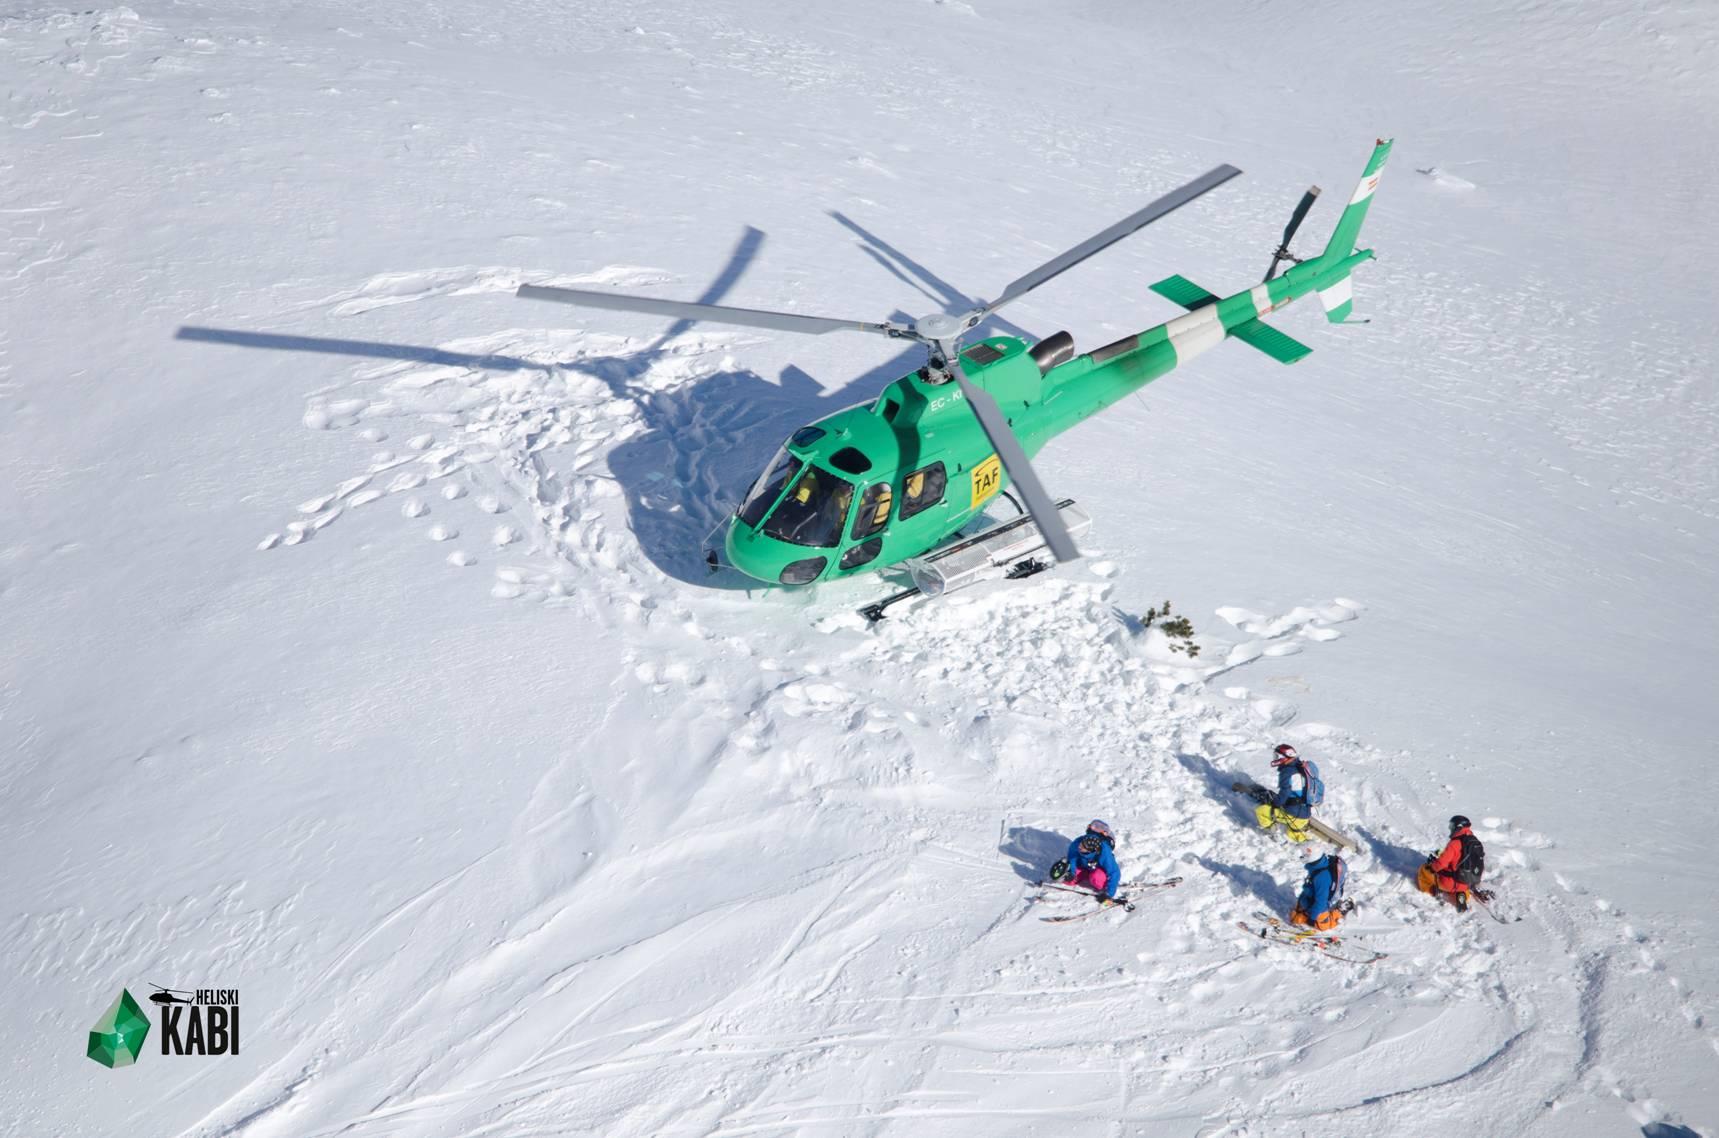 Dépose en hélicoptère au Val d'Aran. © Kabi by Edurne Pasaban